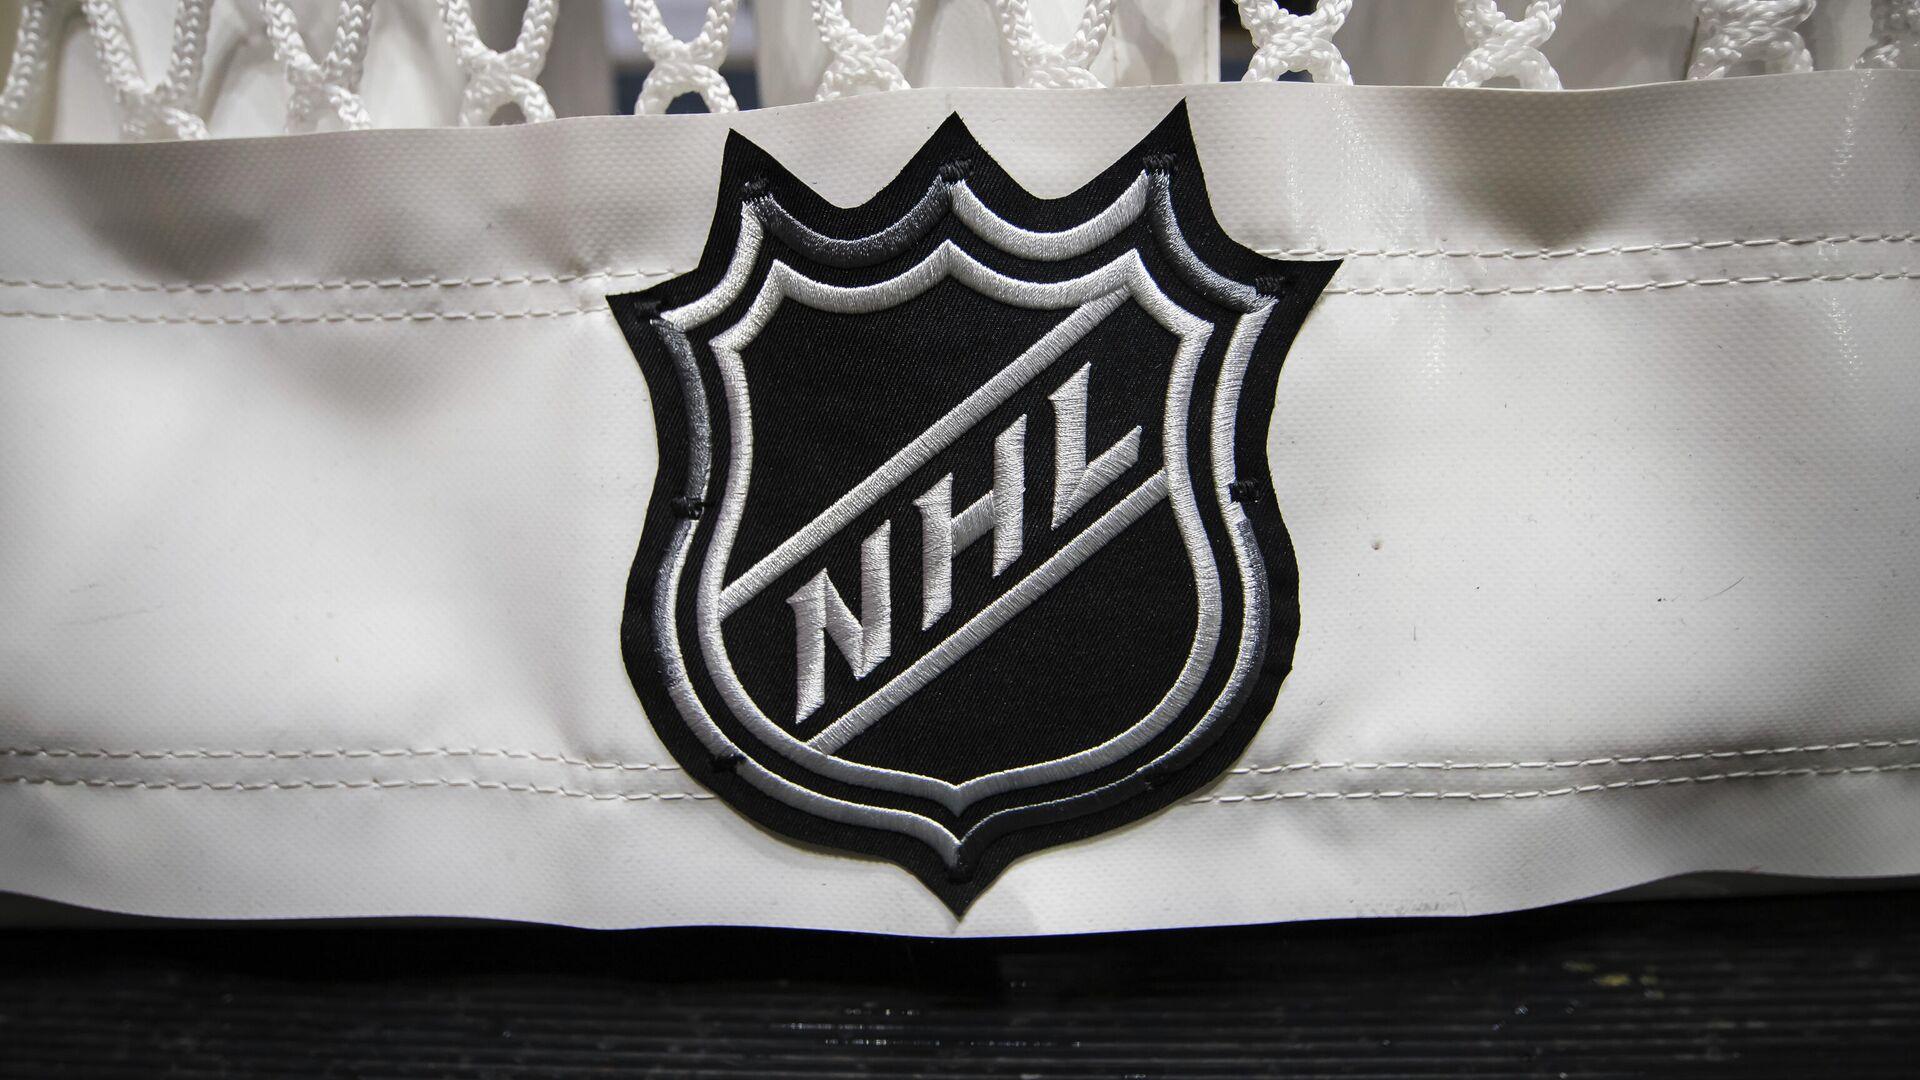 Лого НХЛ - РИА Новости, 1920, 22.10.2020